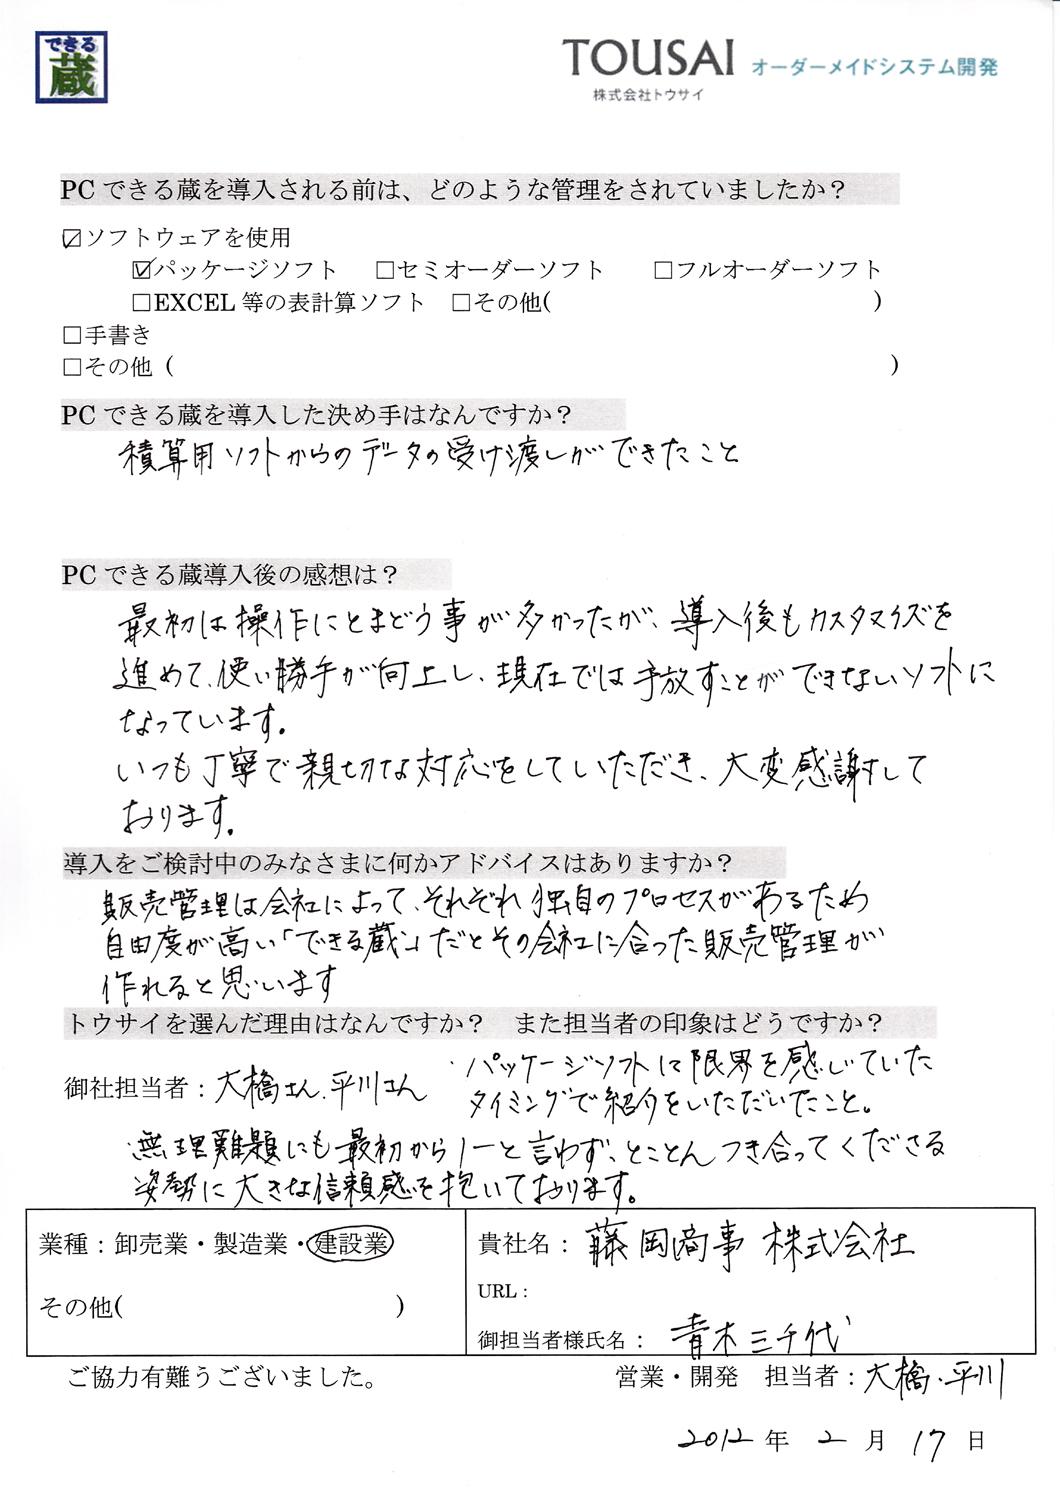 藤岡商事株式会社 様